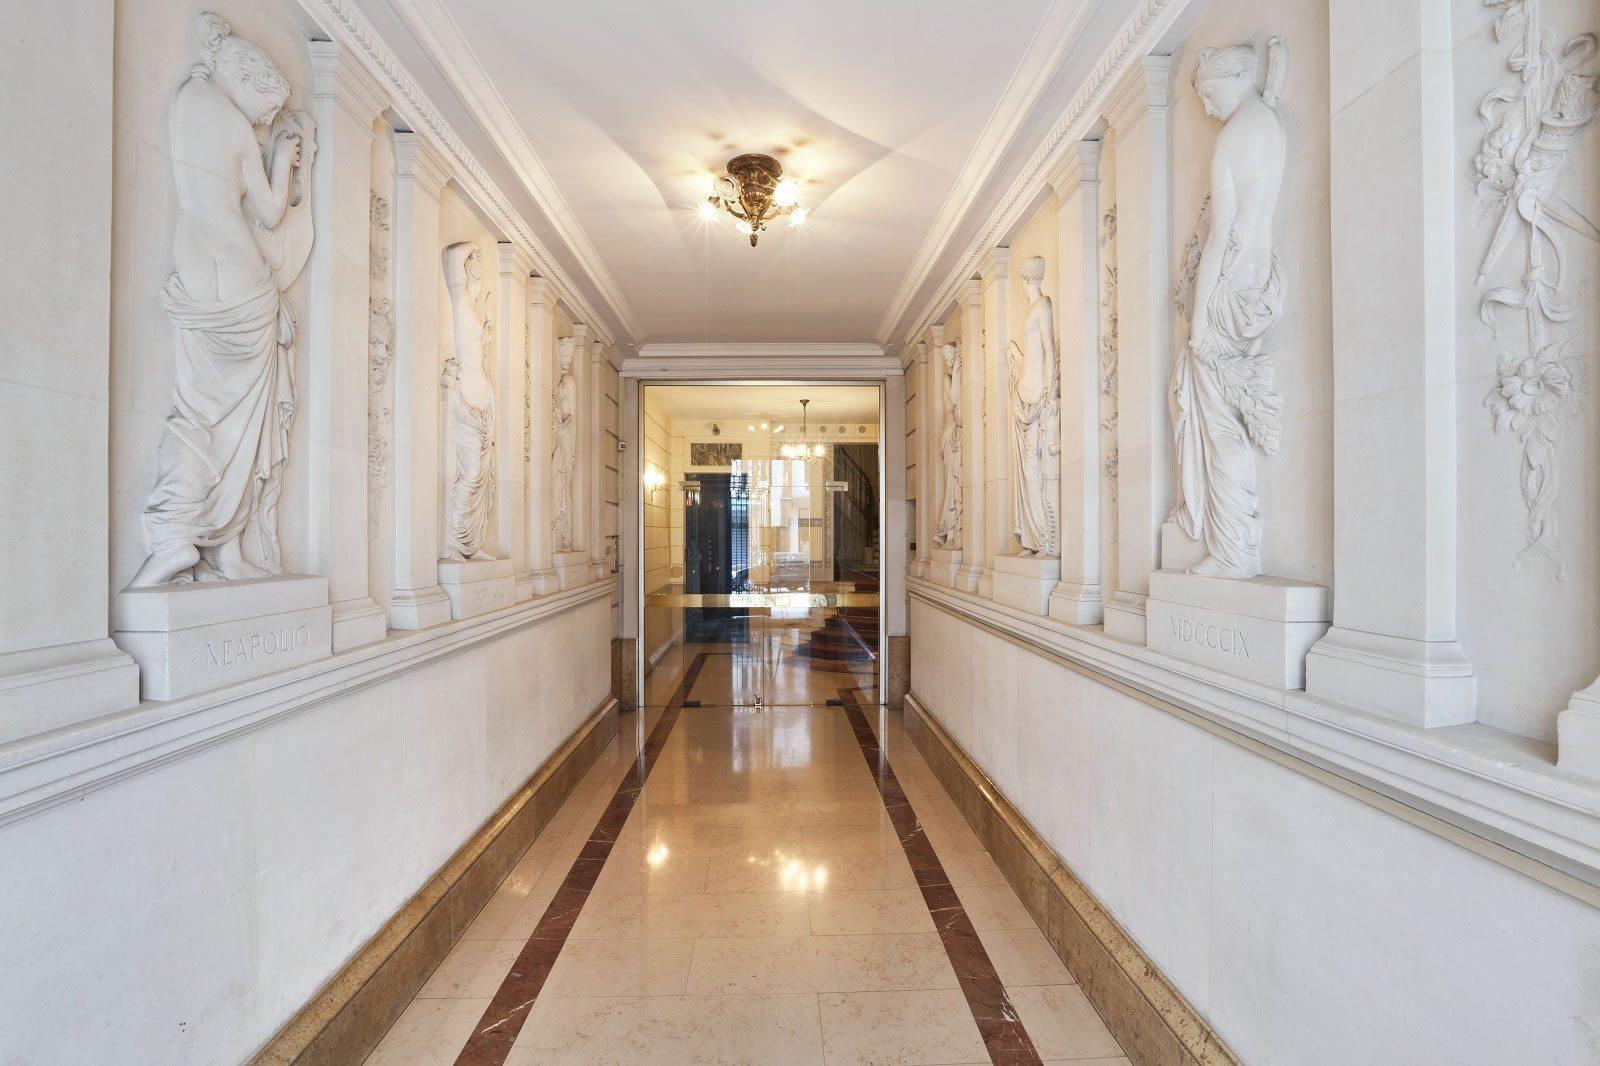 appartement-a-vendre-immeuble-palais-royal-espace-paysager-cave